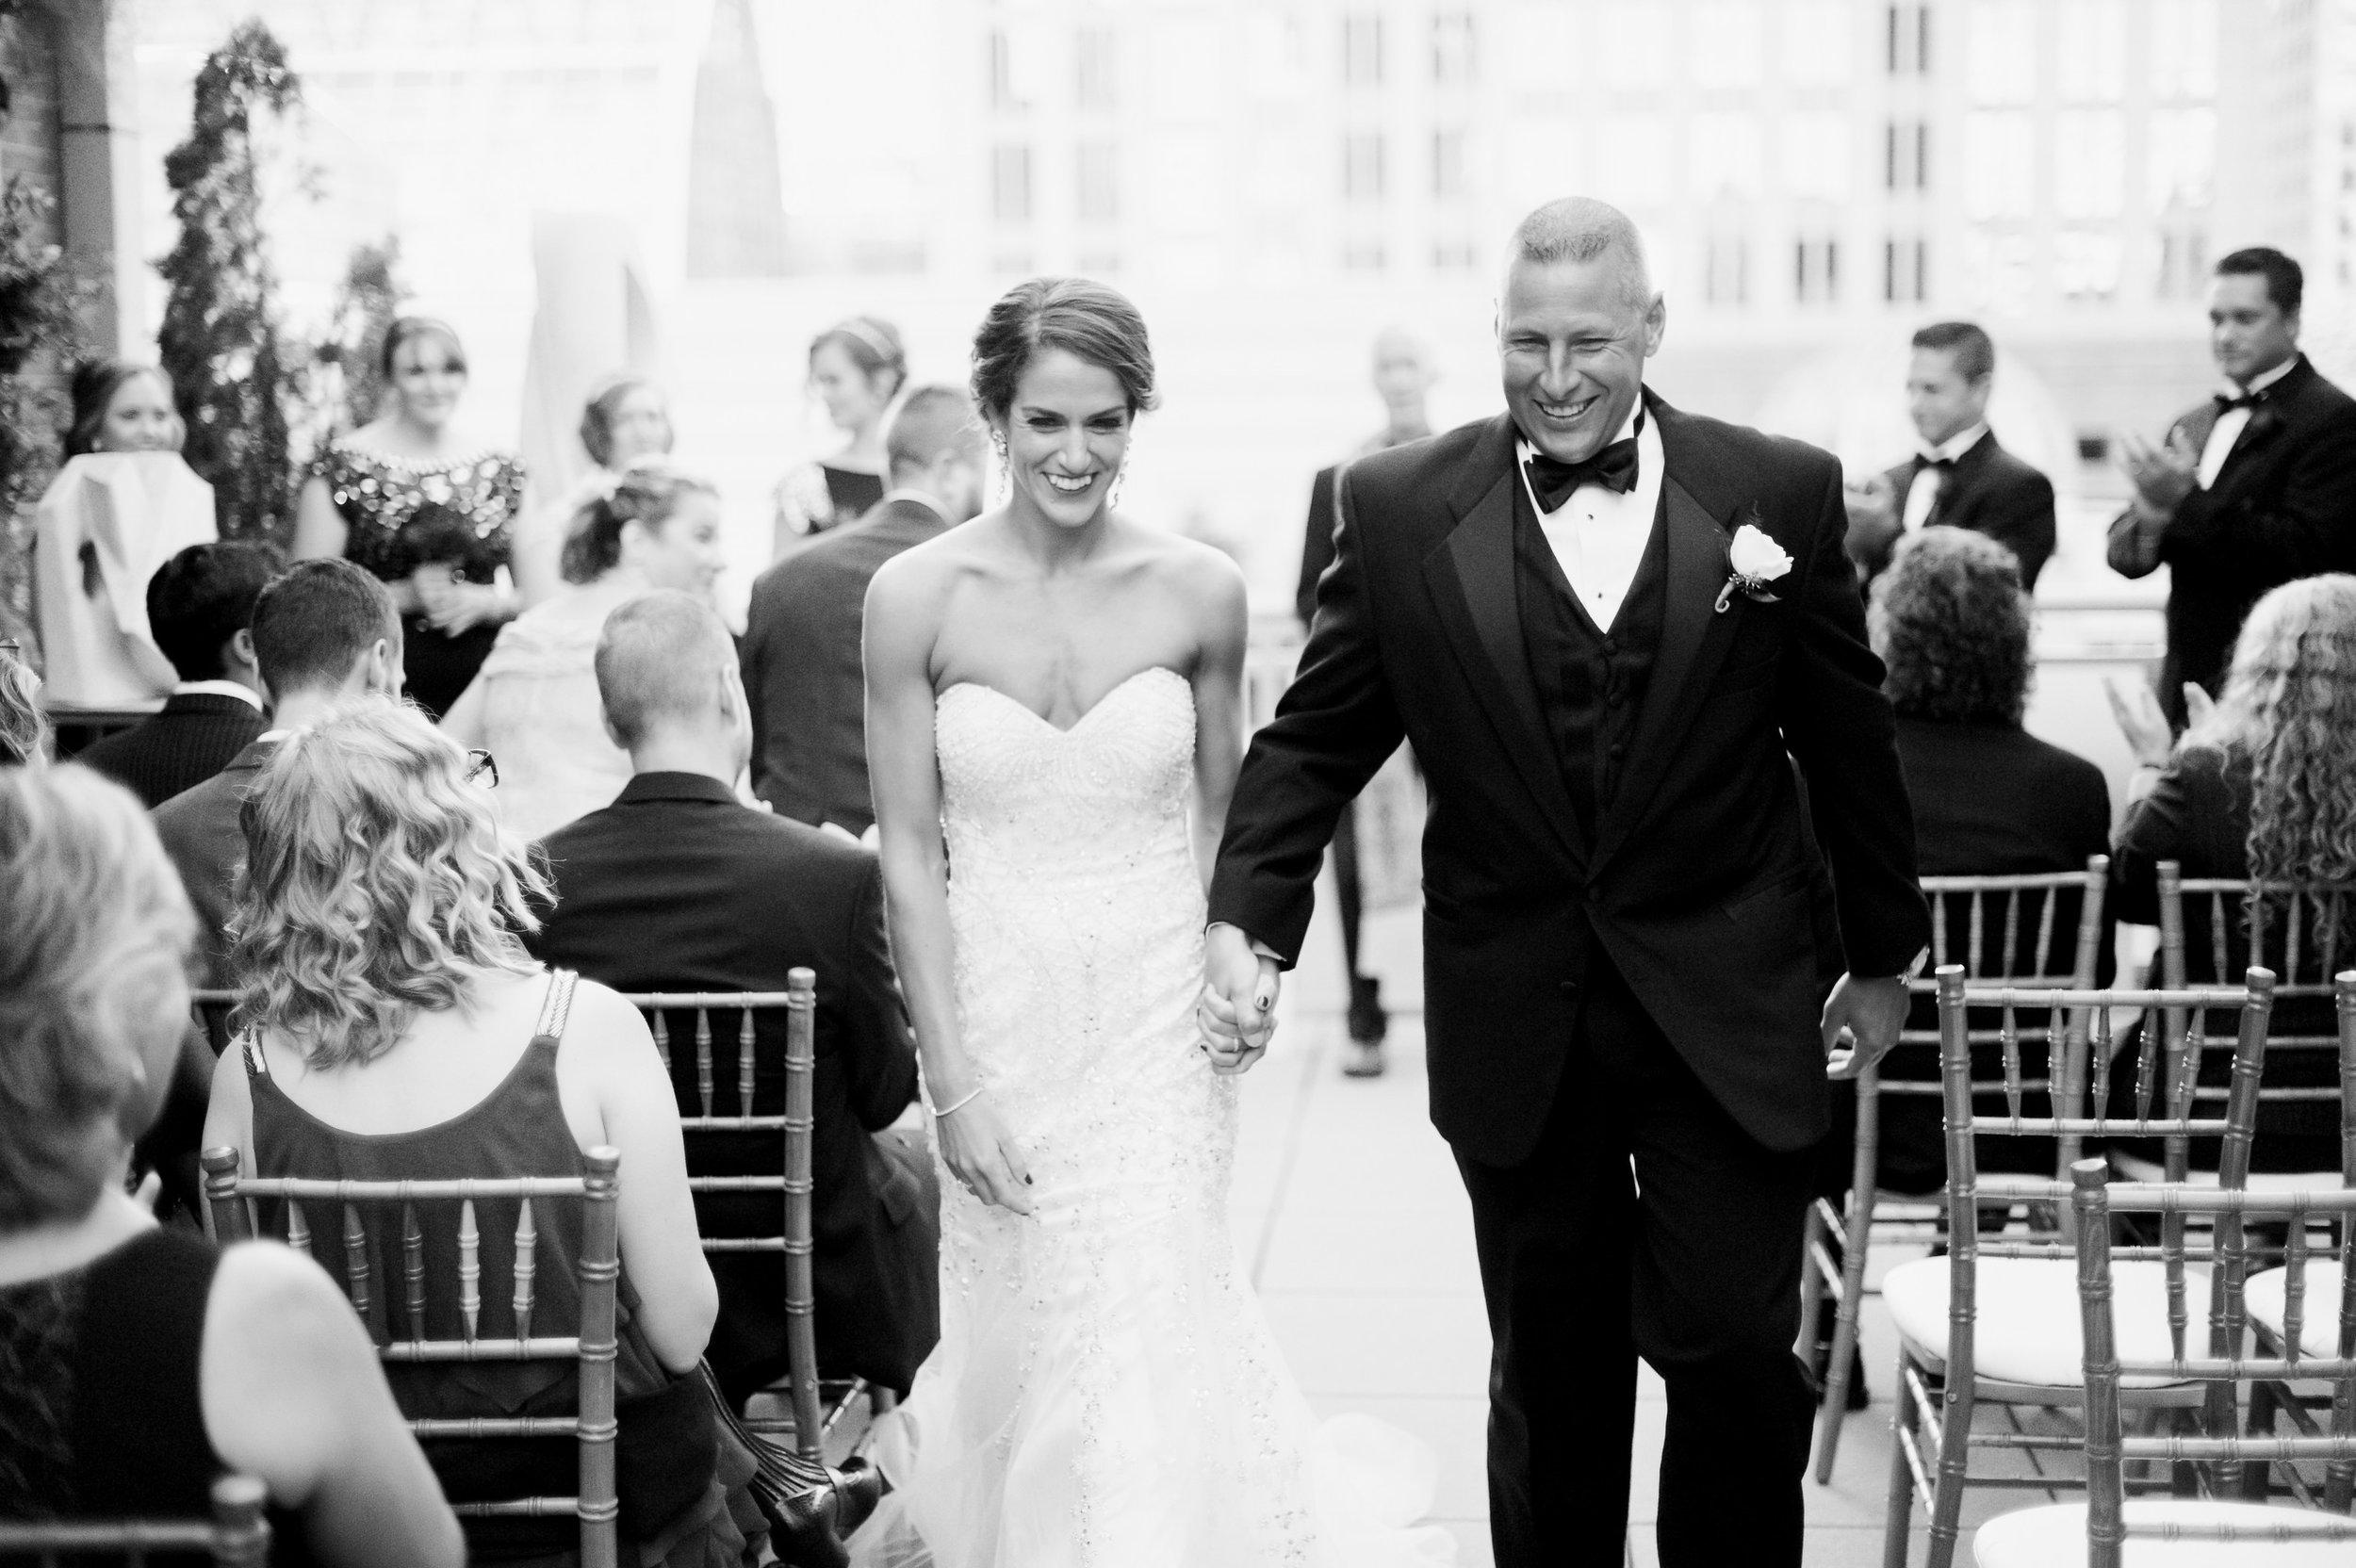 hoke-wedding-208-X5.jpg